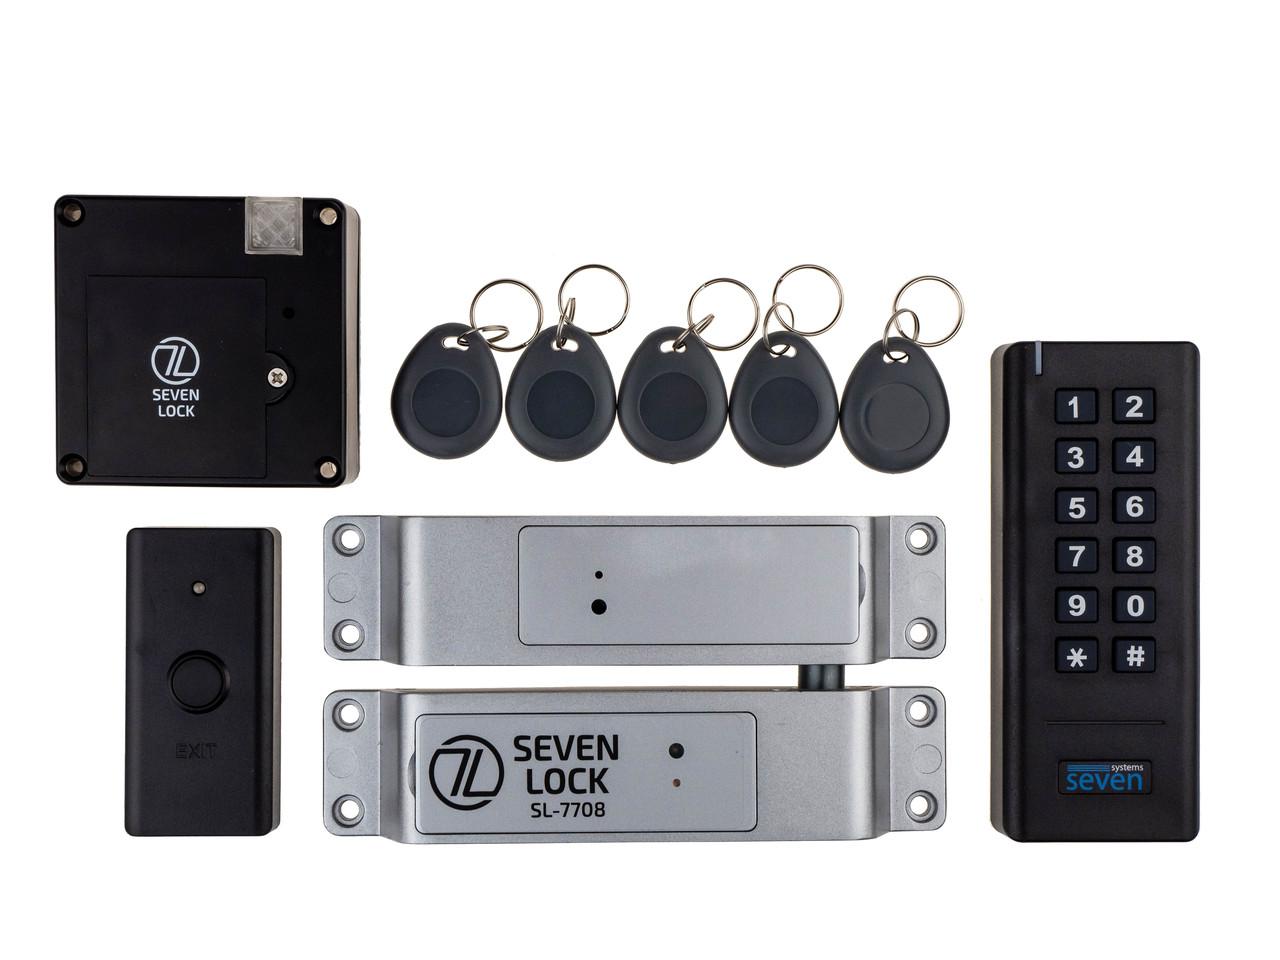 Беспроводной комплект контроля доступа SEVEN LOCK SL-7708b